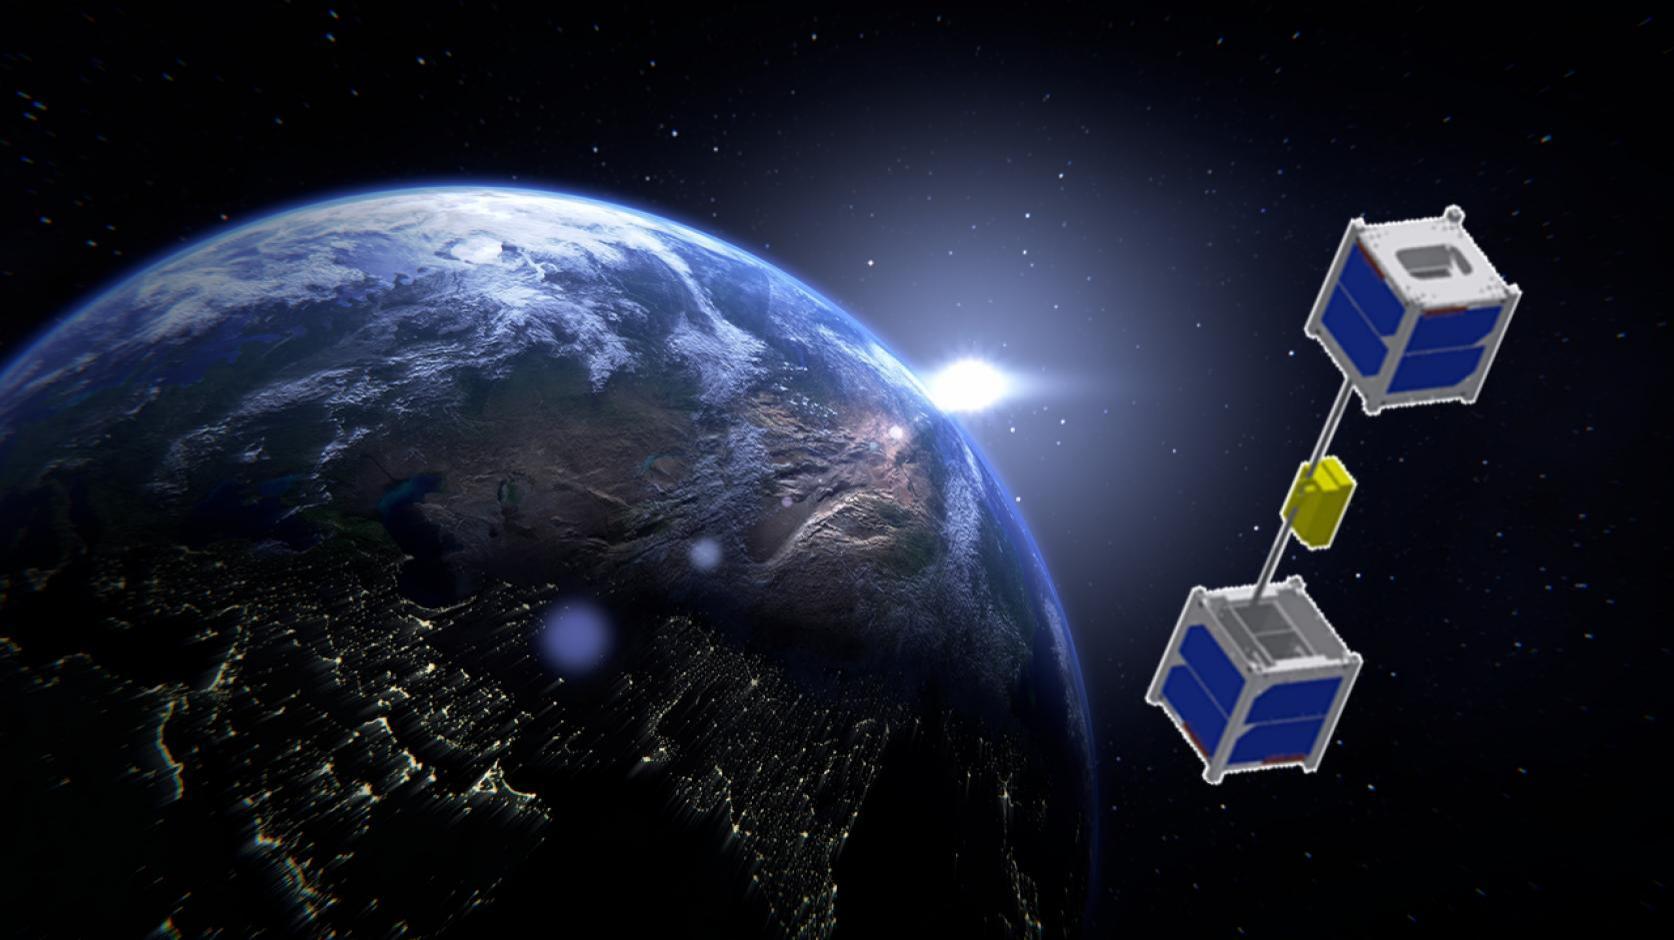 世界初!<br>宇宙エレベーター宇宙での実証実験<br>精密機械工学科 青木研究室の昇降機 9月23日  種子島宇宙センターからHⅡBロケット7号機で打ち上げへ!!